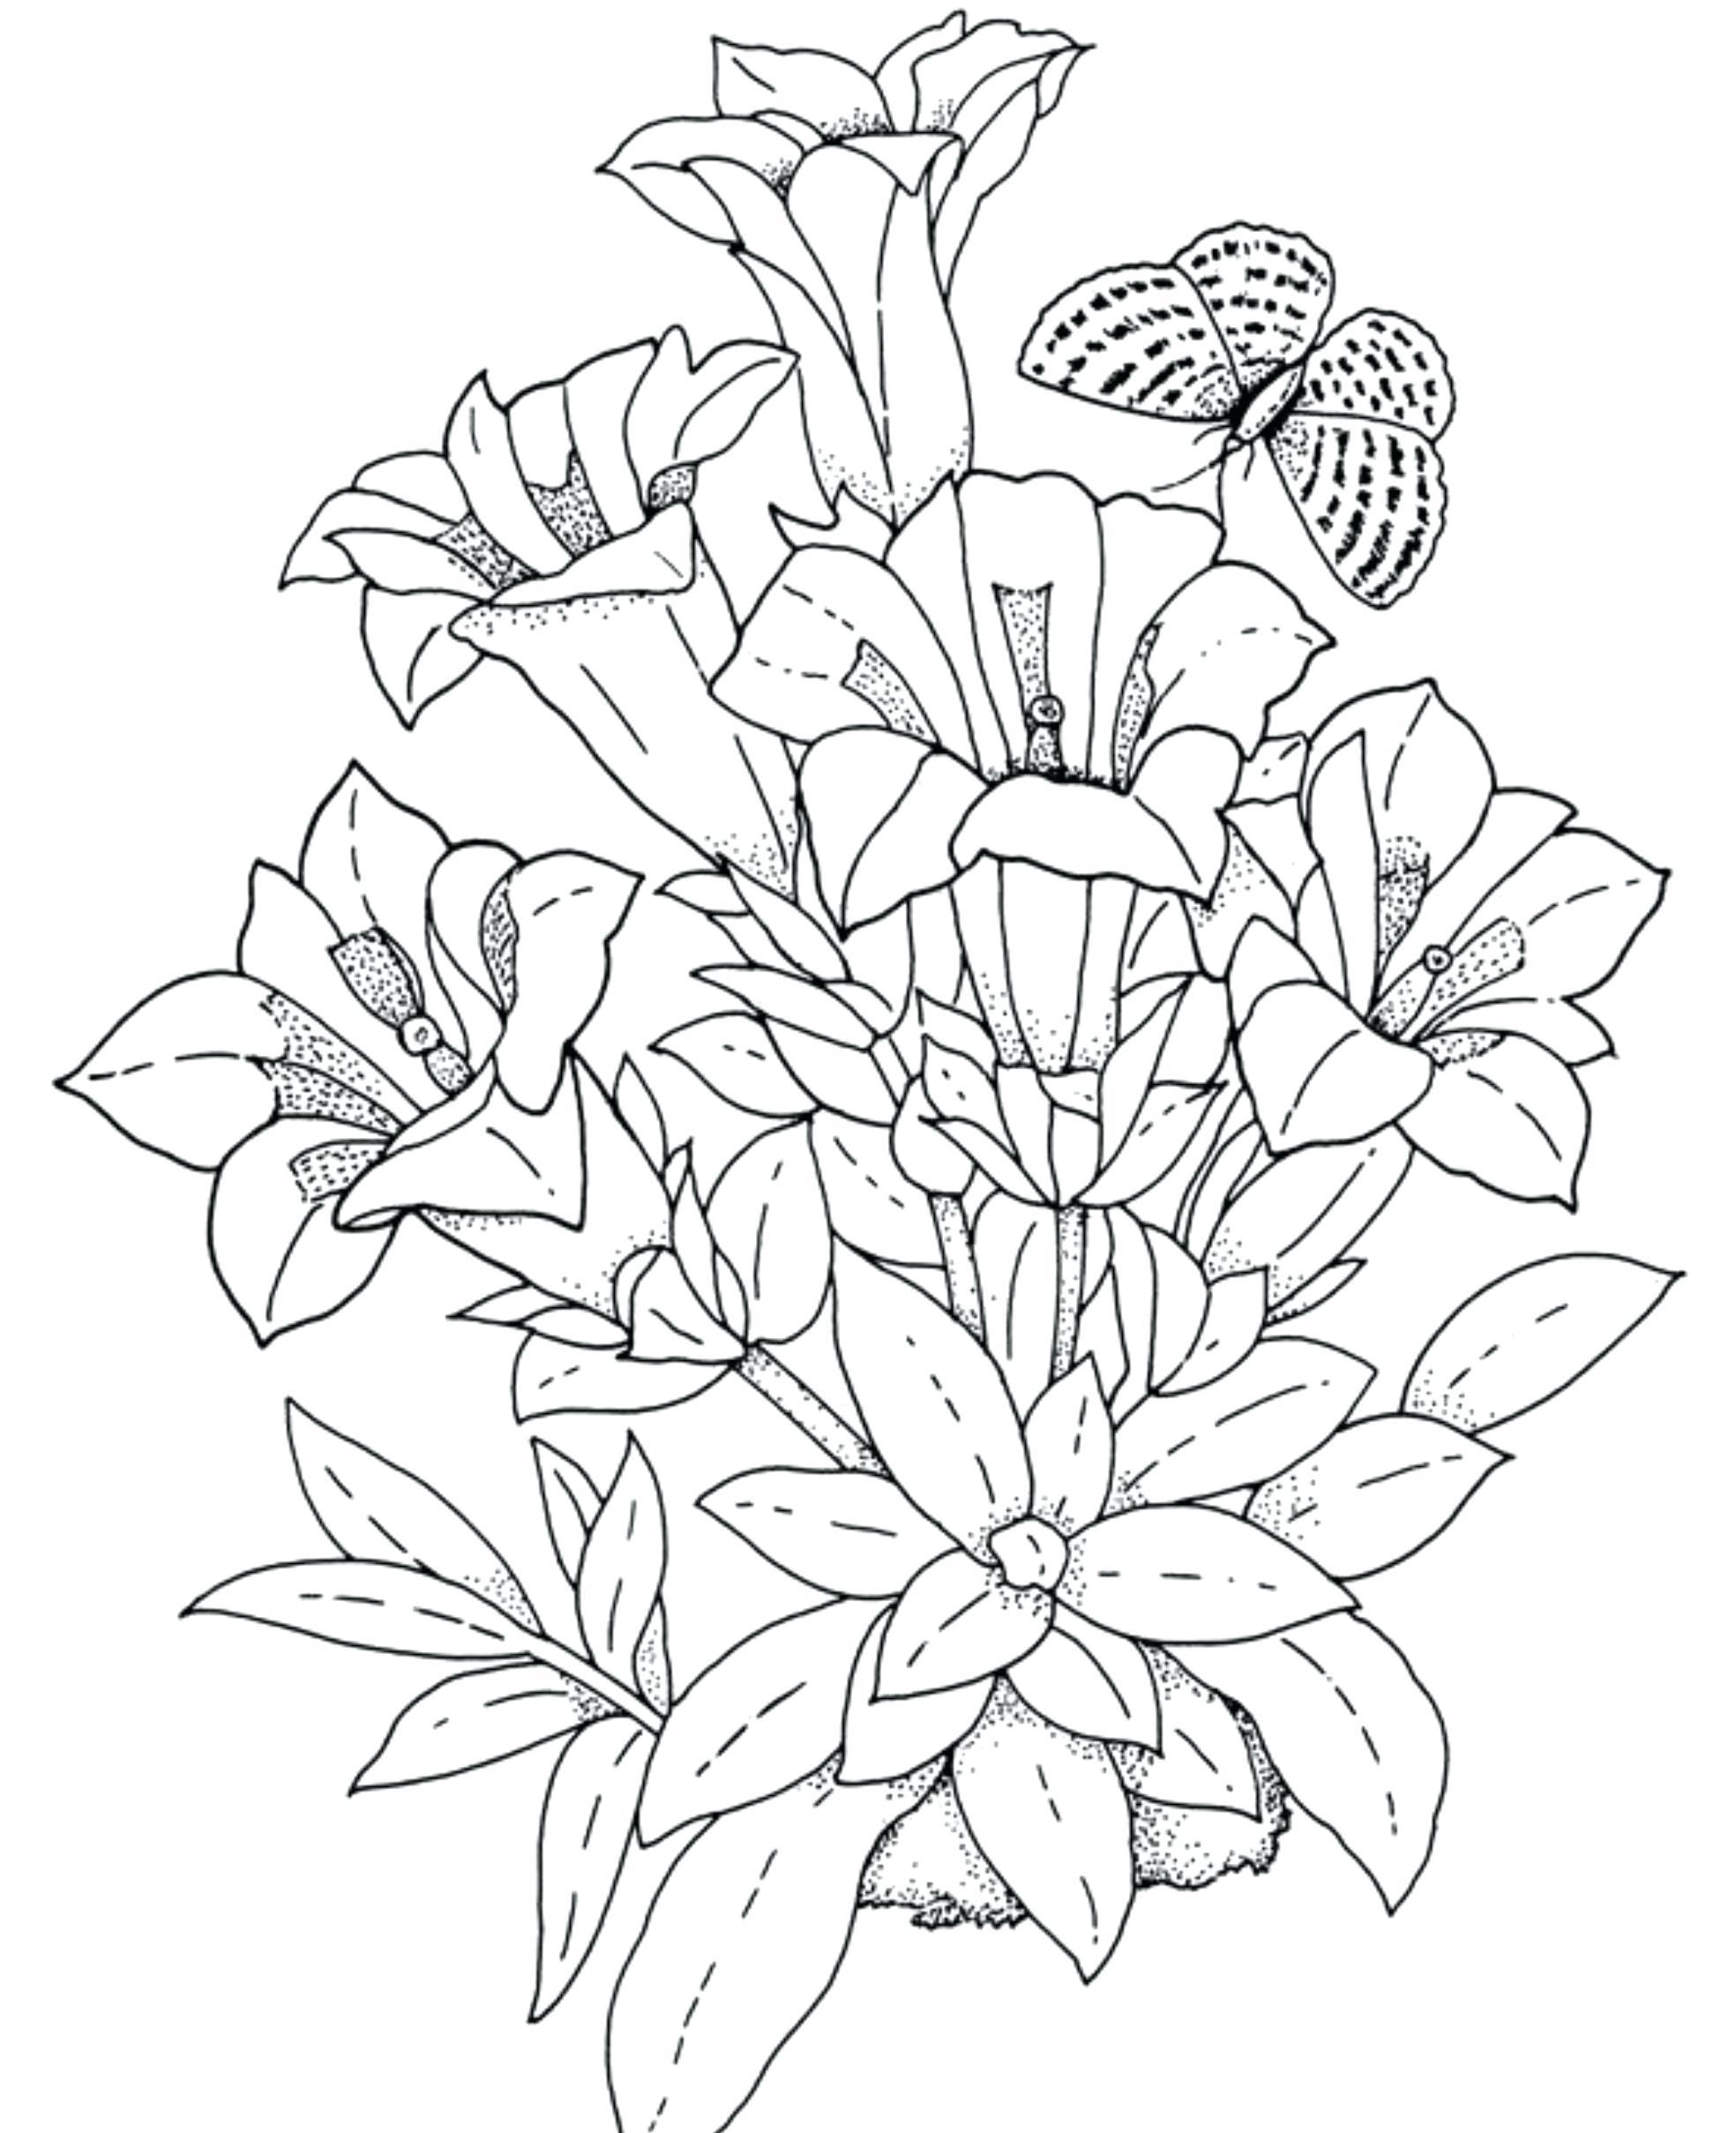 Tranh tô màu đóa hoa đơn giản